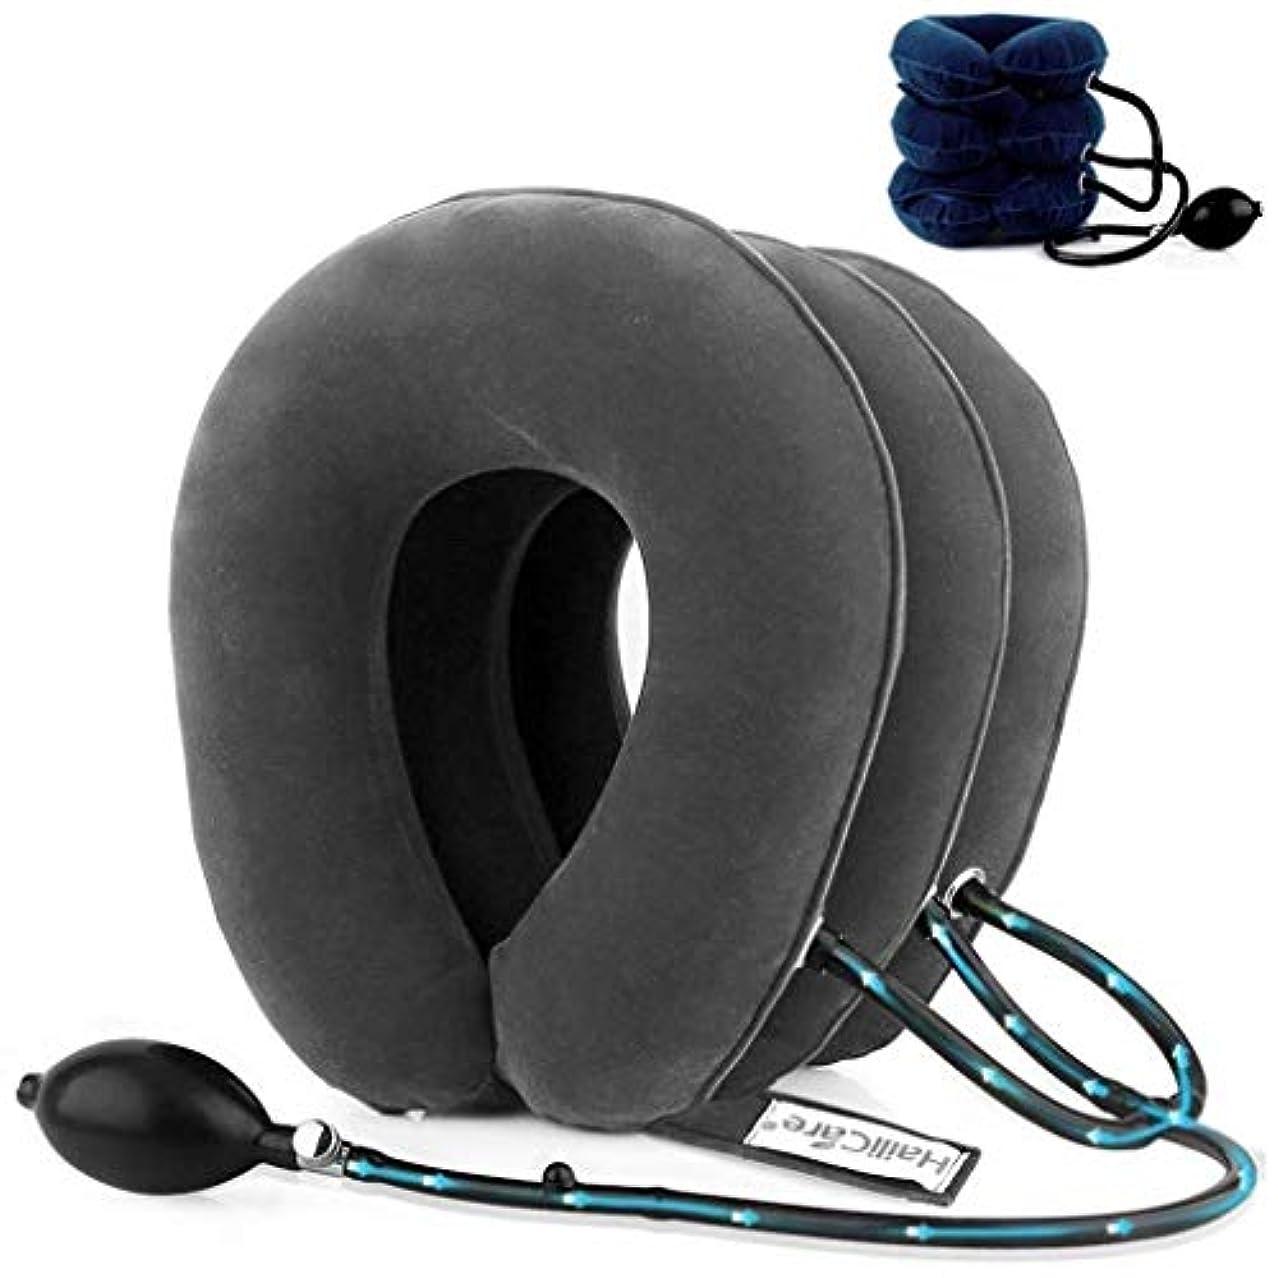 便益壊滅的な取得する首のマッサージャー、膨脹可能なマッサージの首の枕、頚部牽引装置、背部/肩の首のマッサージャー、ヘルスケア、苦痛救助/圧力 (Color : Gray)